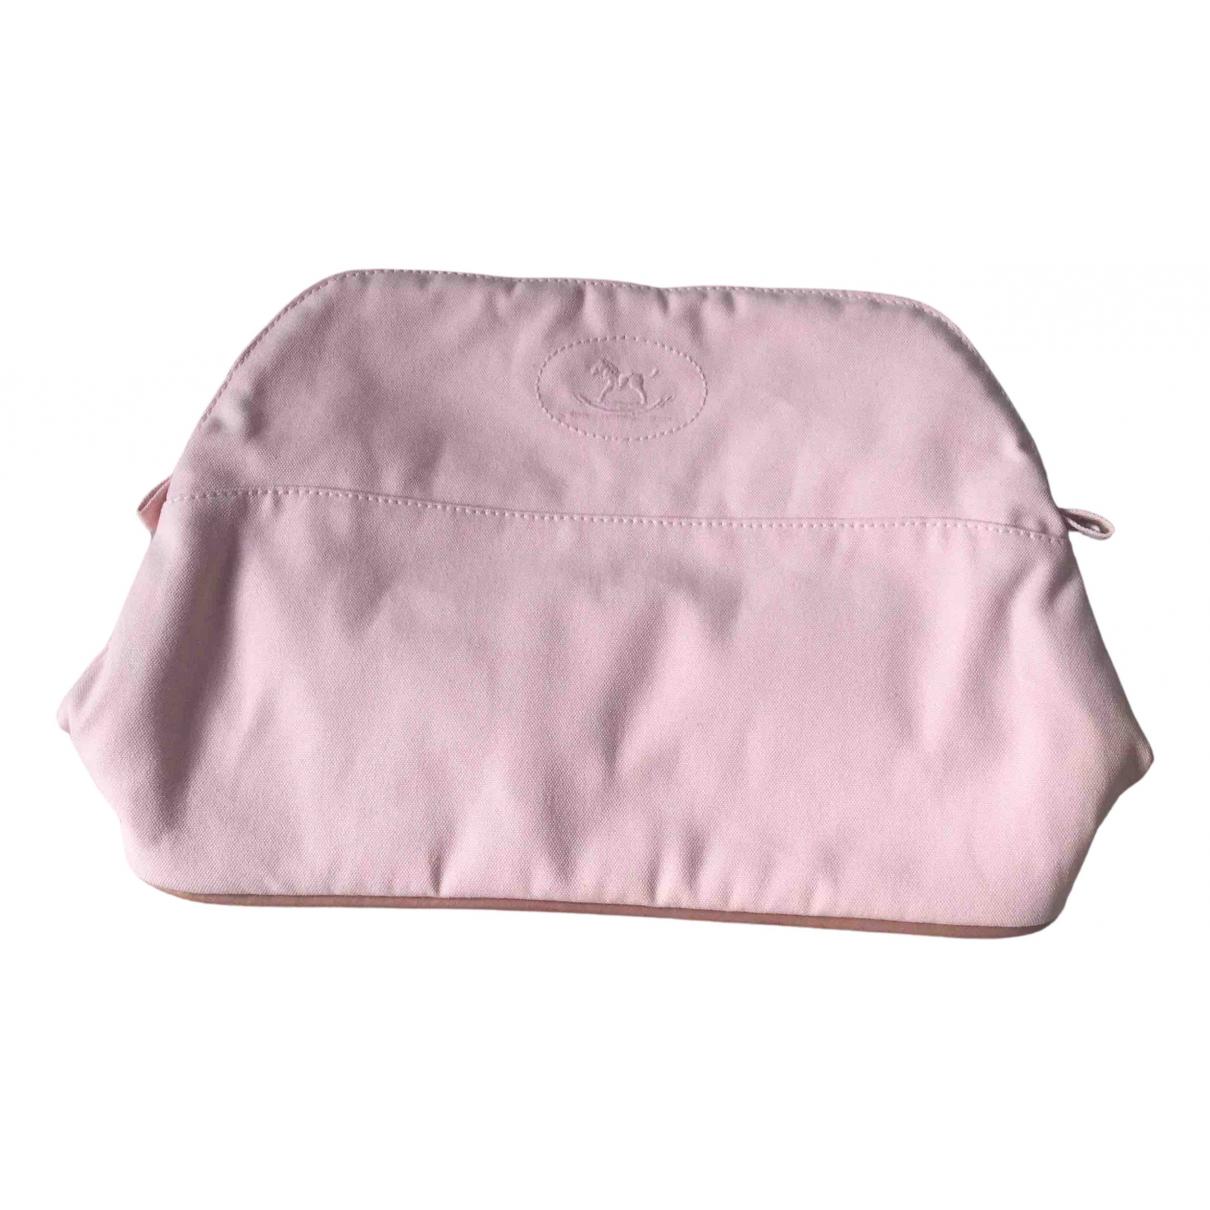 Hermes - Sac de voyage Bolide pour femme en coton - rose